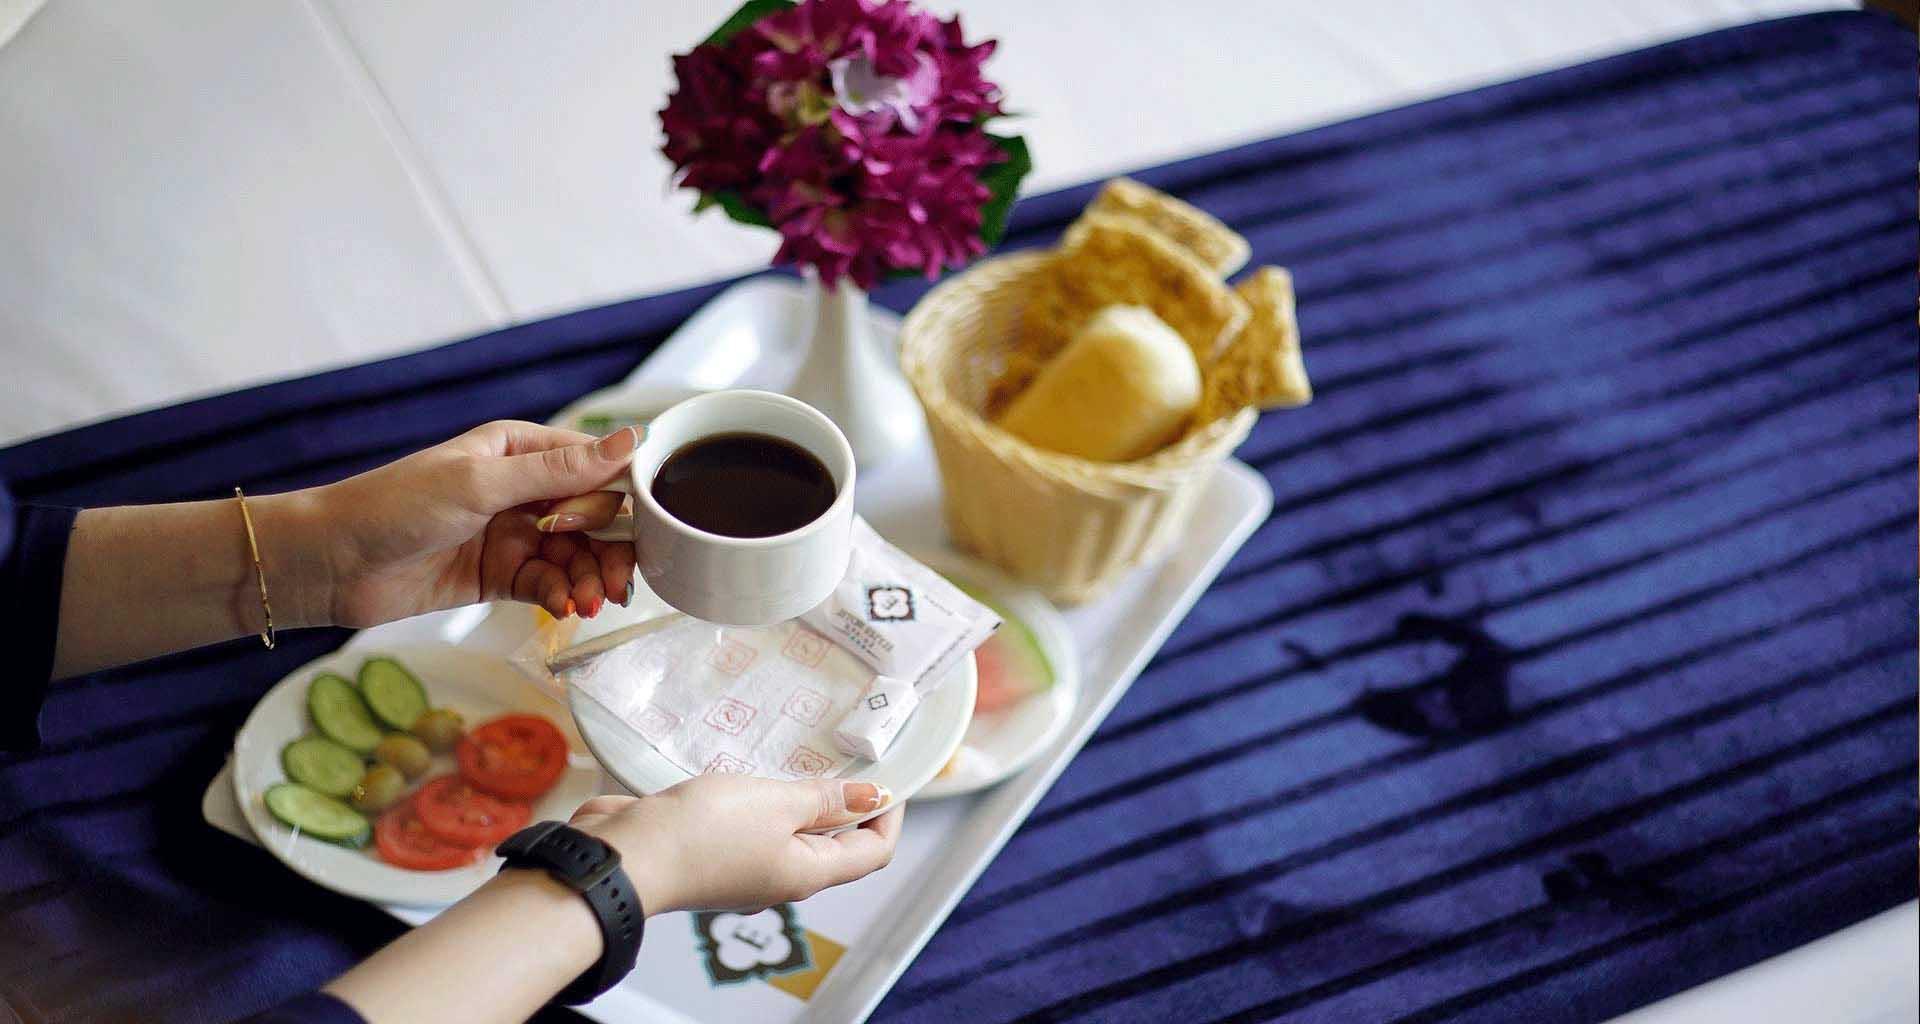 لذت صبحانه متنوع و متفاوت را در هتل الیزه شیراز تجربه کنید . با خیال راحت استرحت کنید و صبحانه را در اتاقتان میل کنید